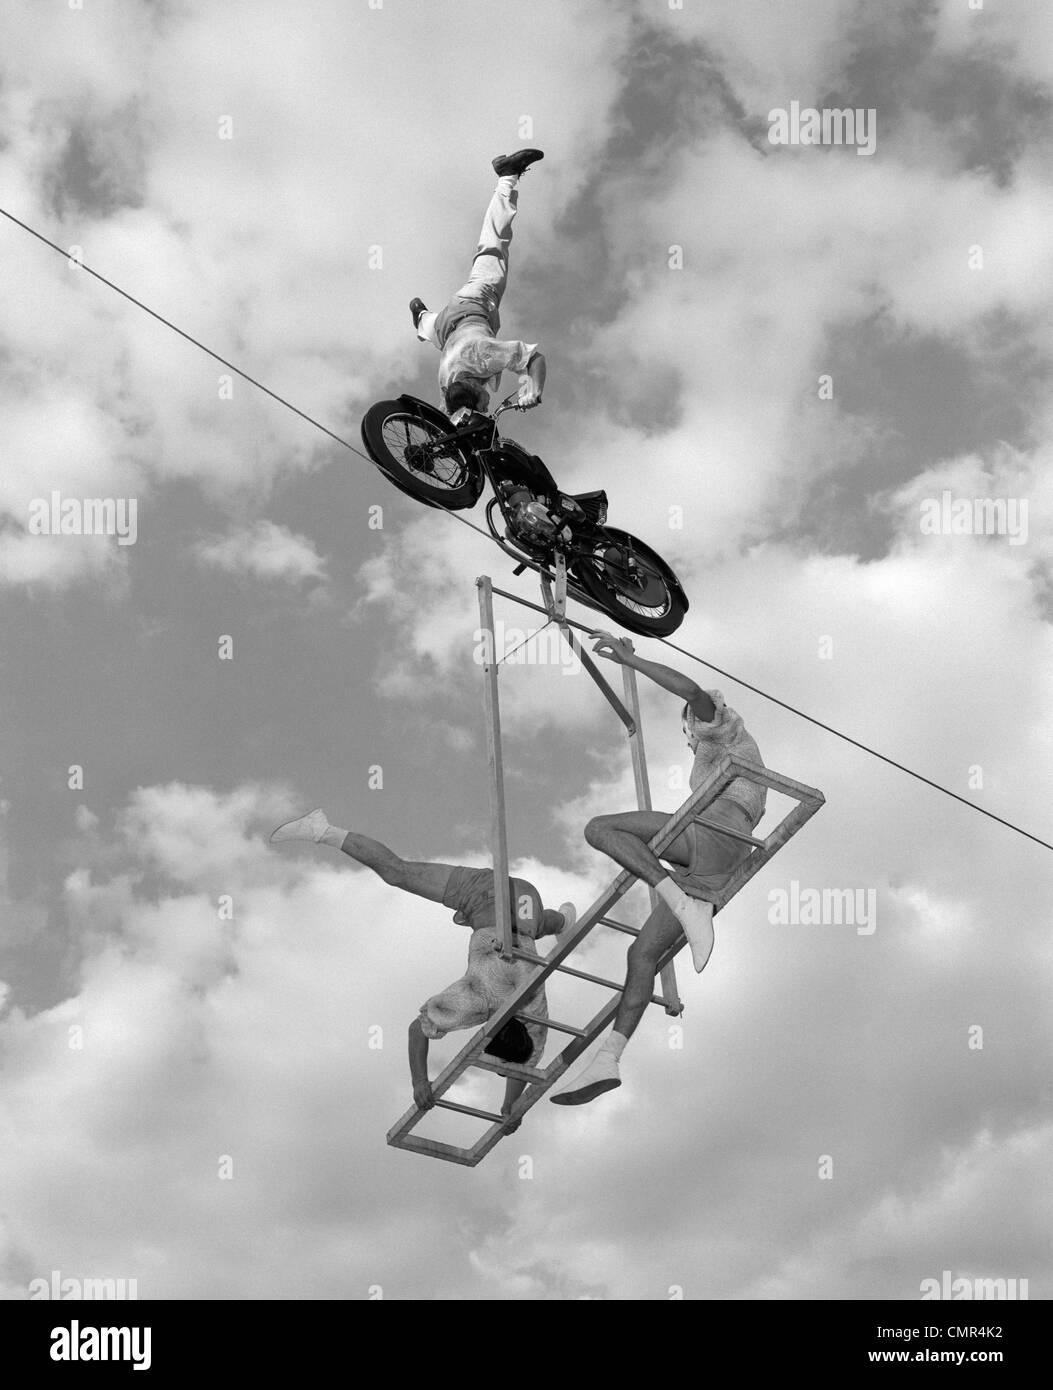 Années 1950 Années 1960 Haut-WIRE ACT avec l'homme debout sur sa tête SUR LA MOTO AVEC L'HOMME Photo Stock